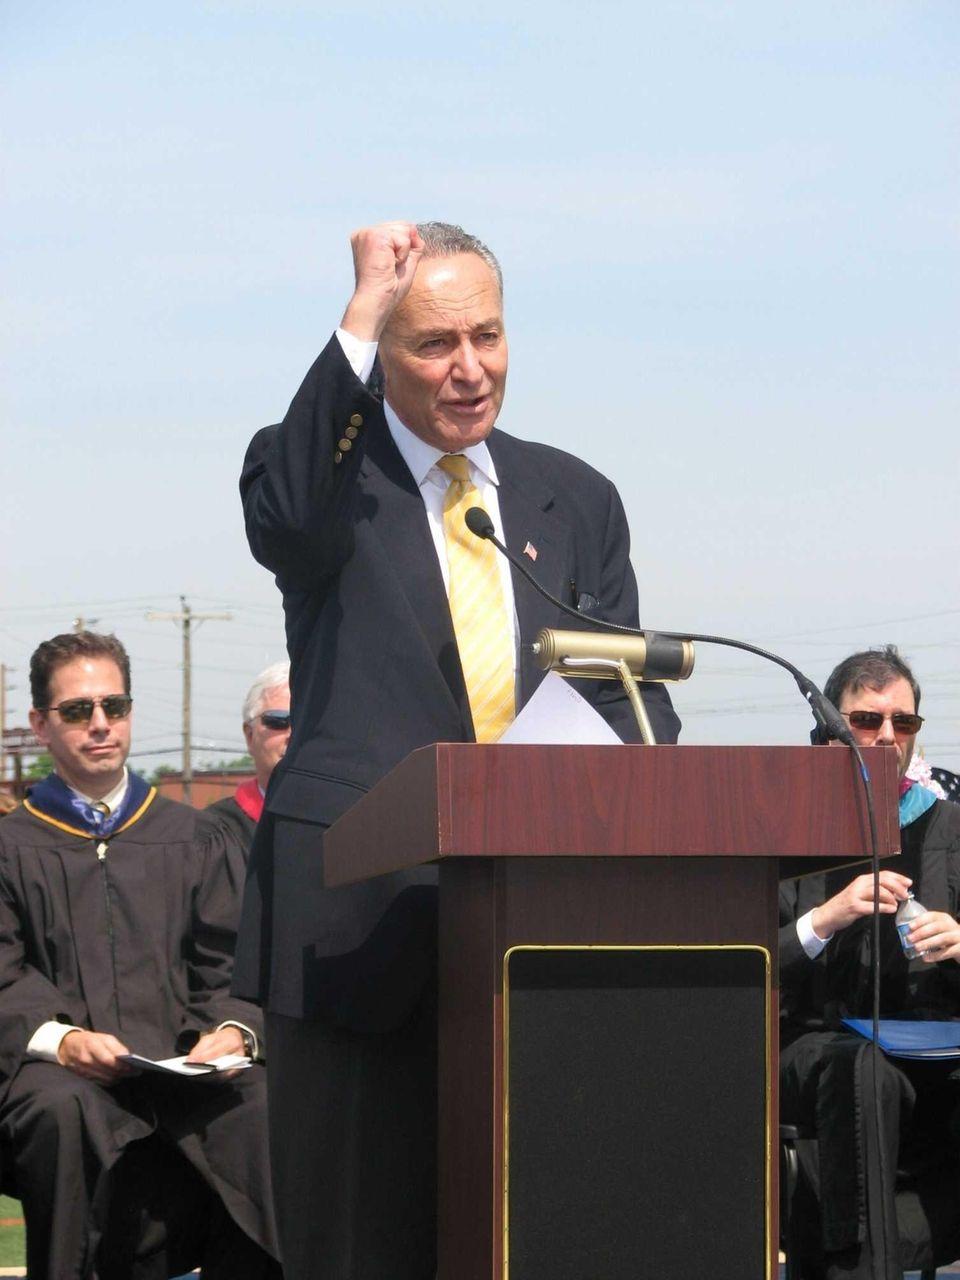 Sen. Charles Schumer (D-N.Y.) addresses Garden City High